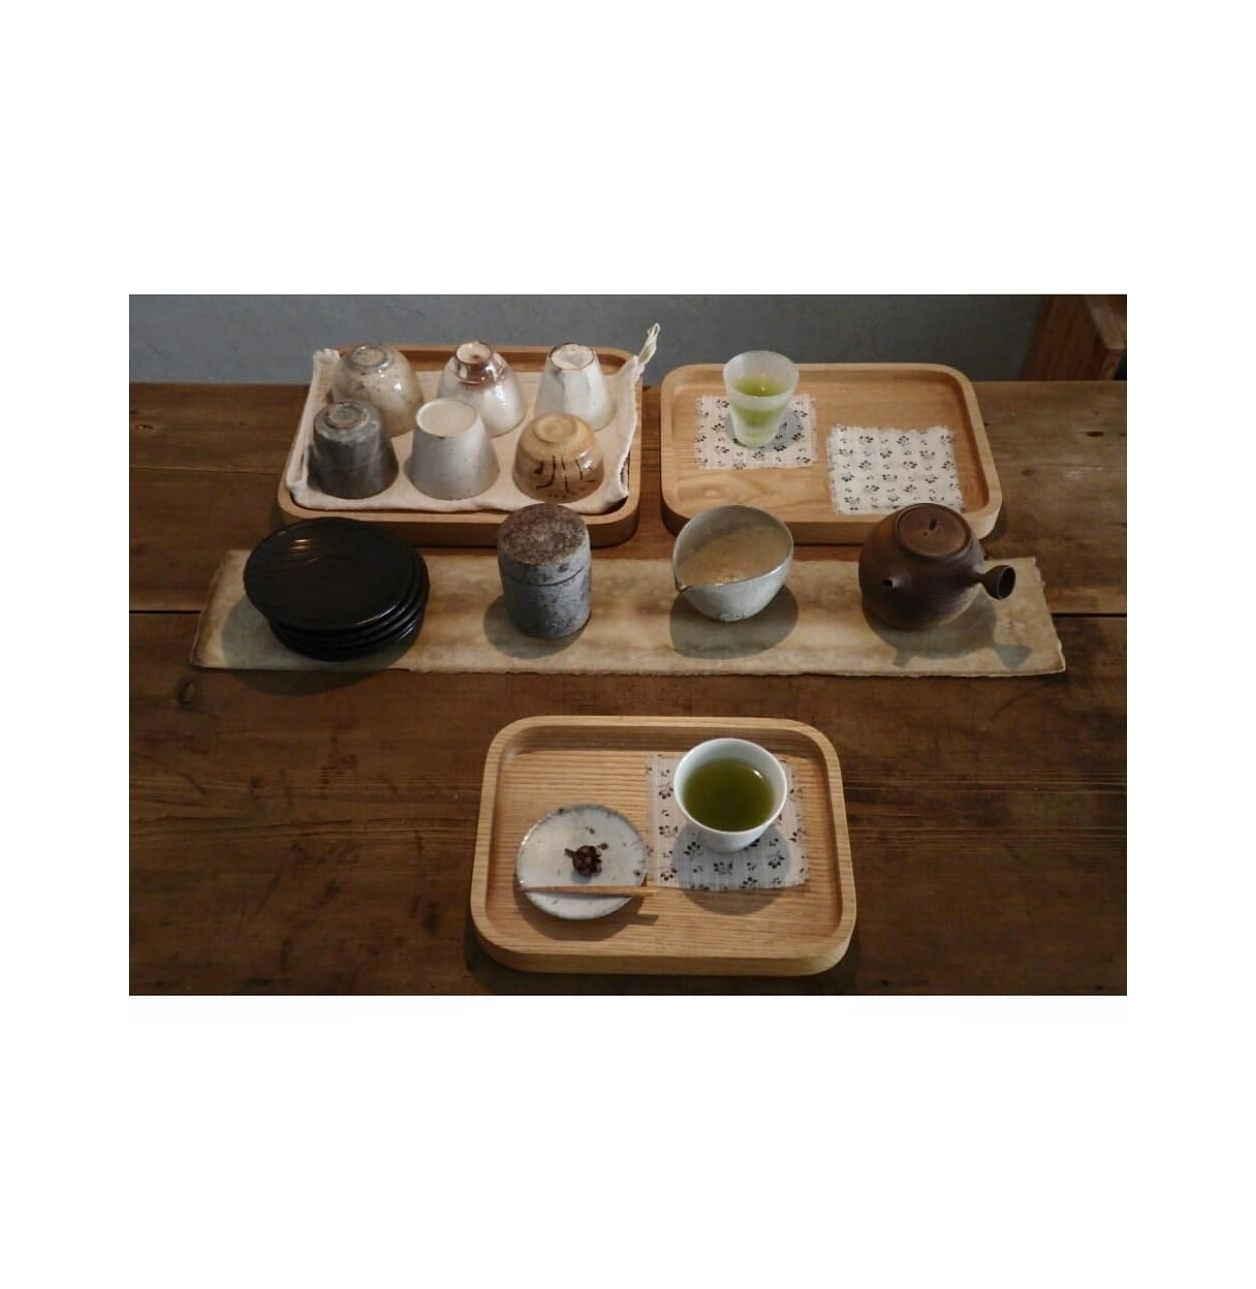 山口和宏さんの木工展 3 - うつわと果実とコーヒーと -_f0351305_21551347.jpeg